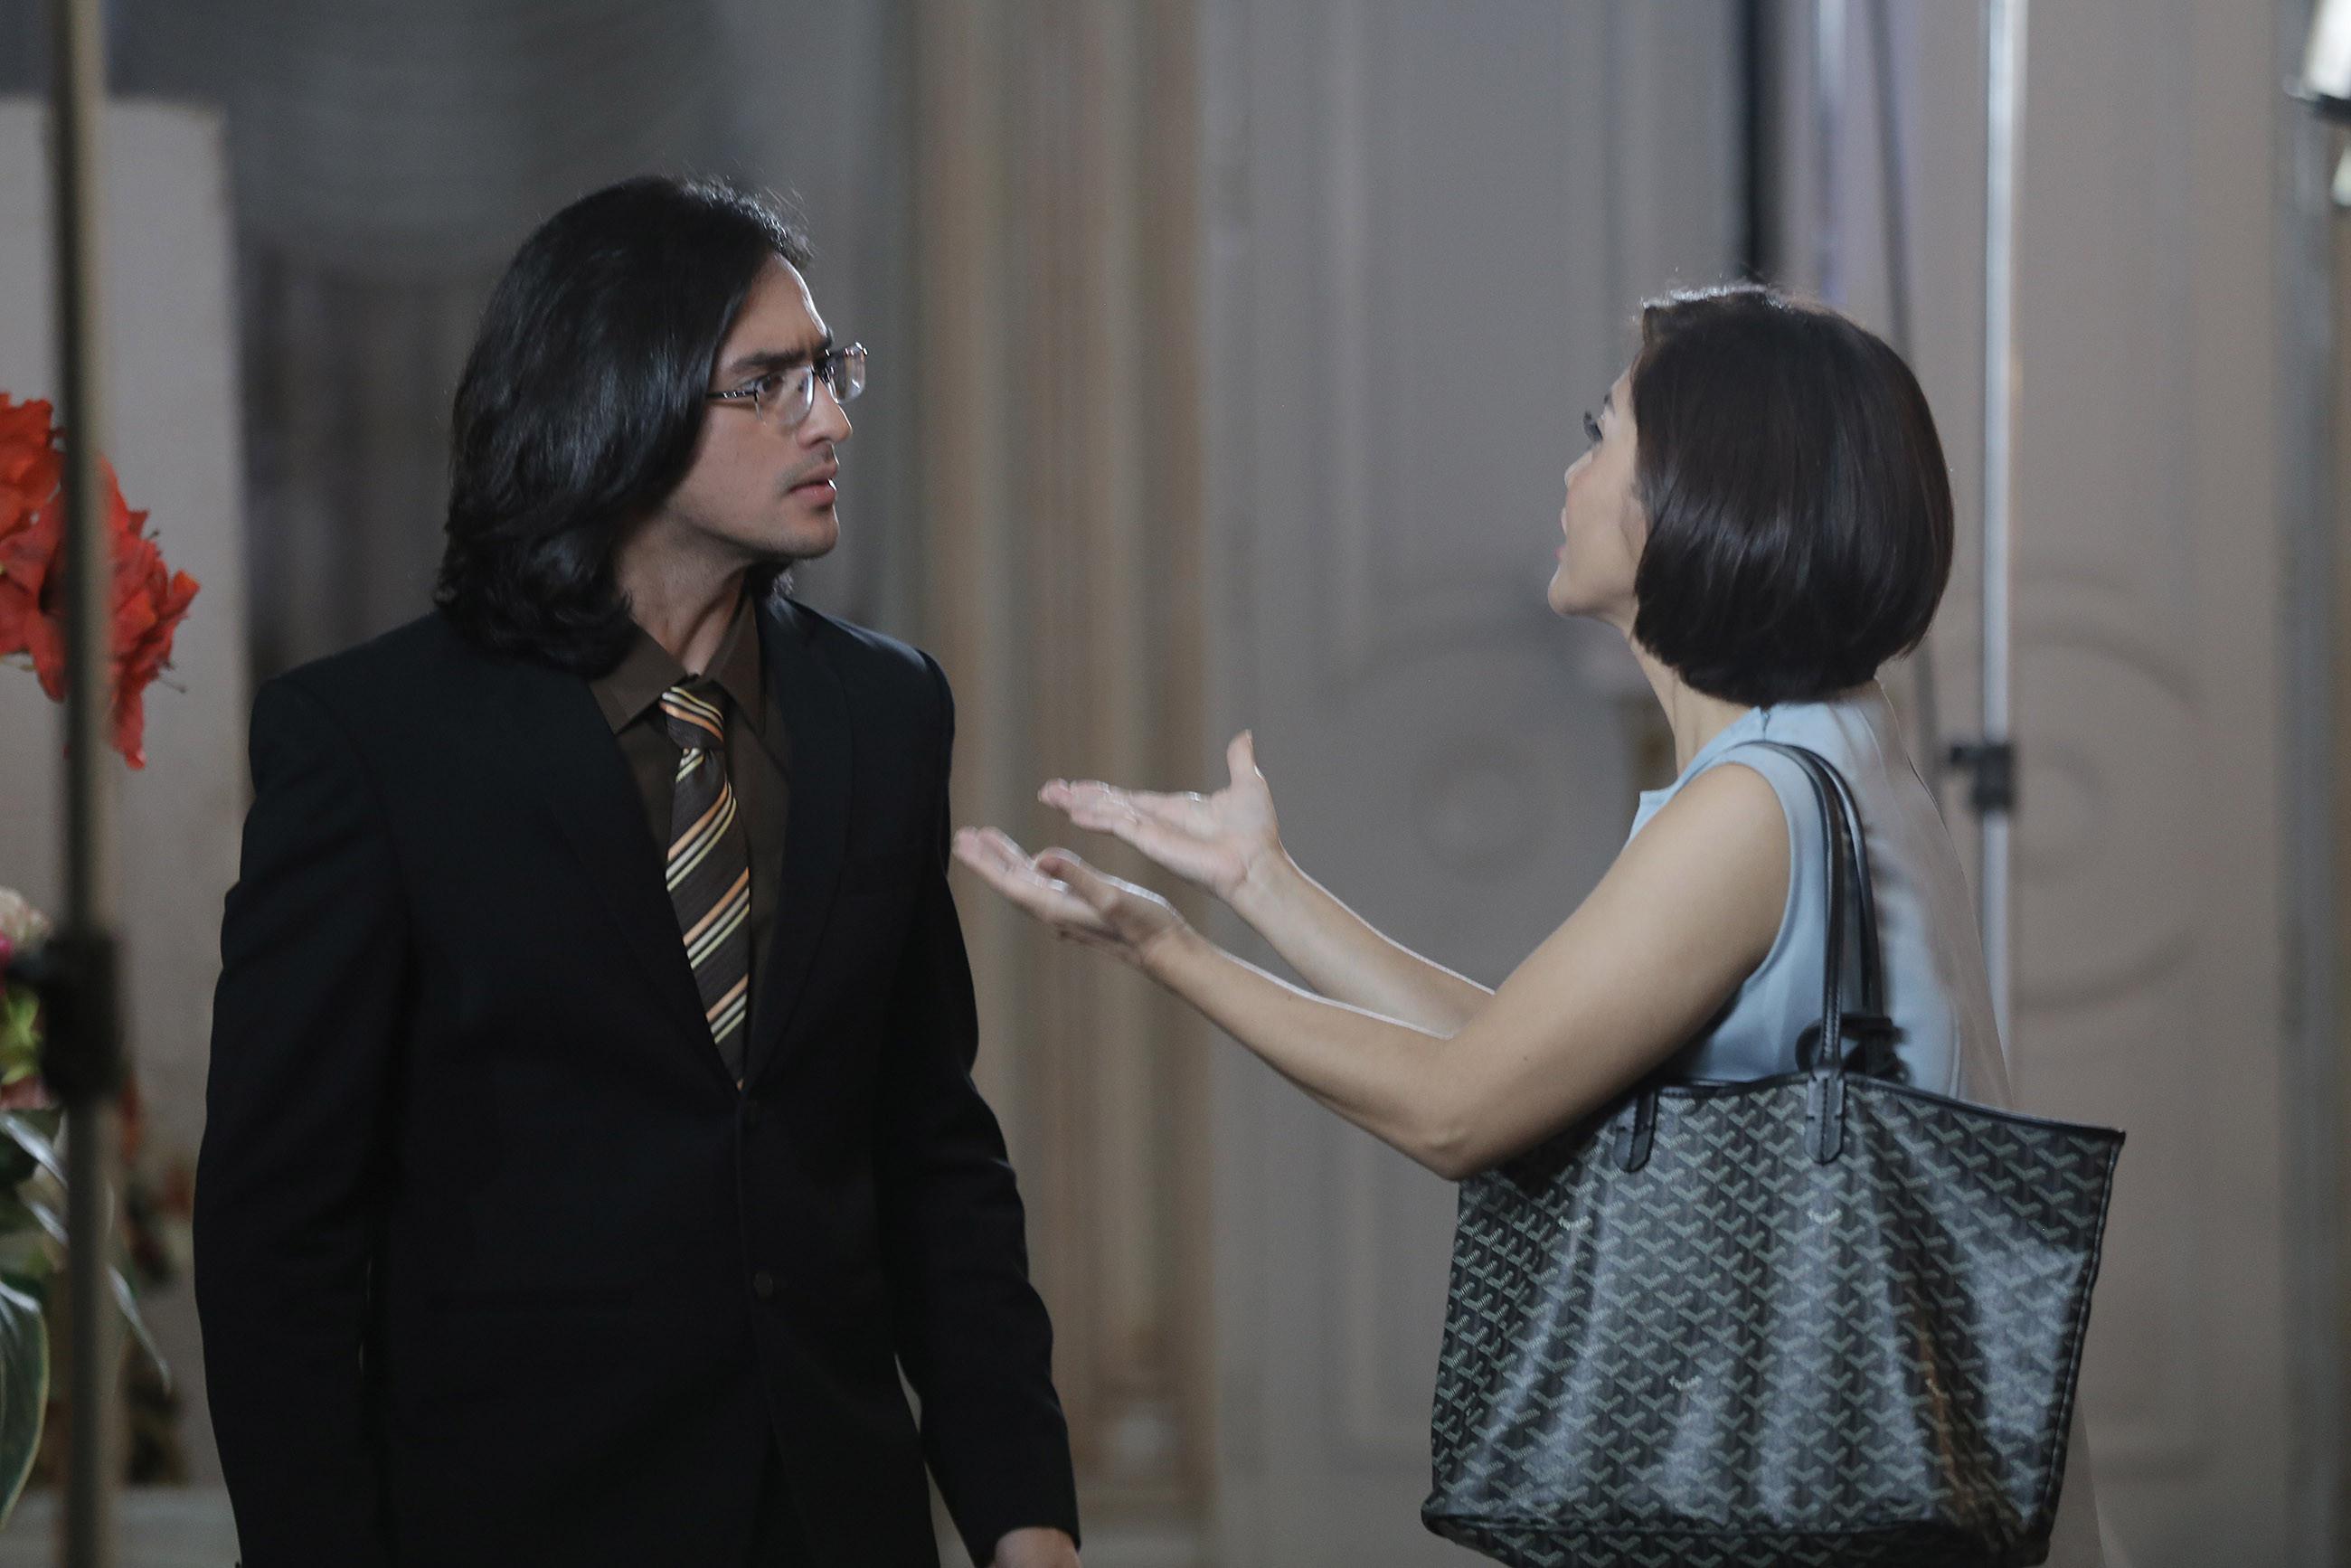 Omar Daniel - Eva Anindita di Berkah Cinta. (Galih W. Satria/Bintang.com)